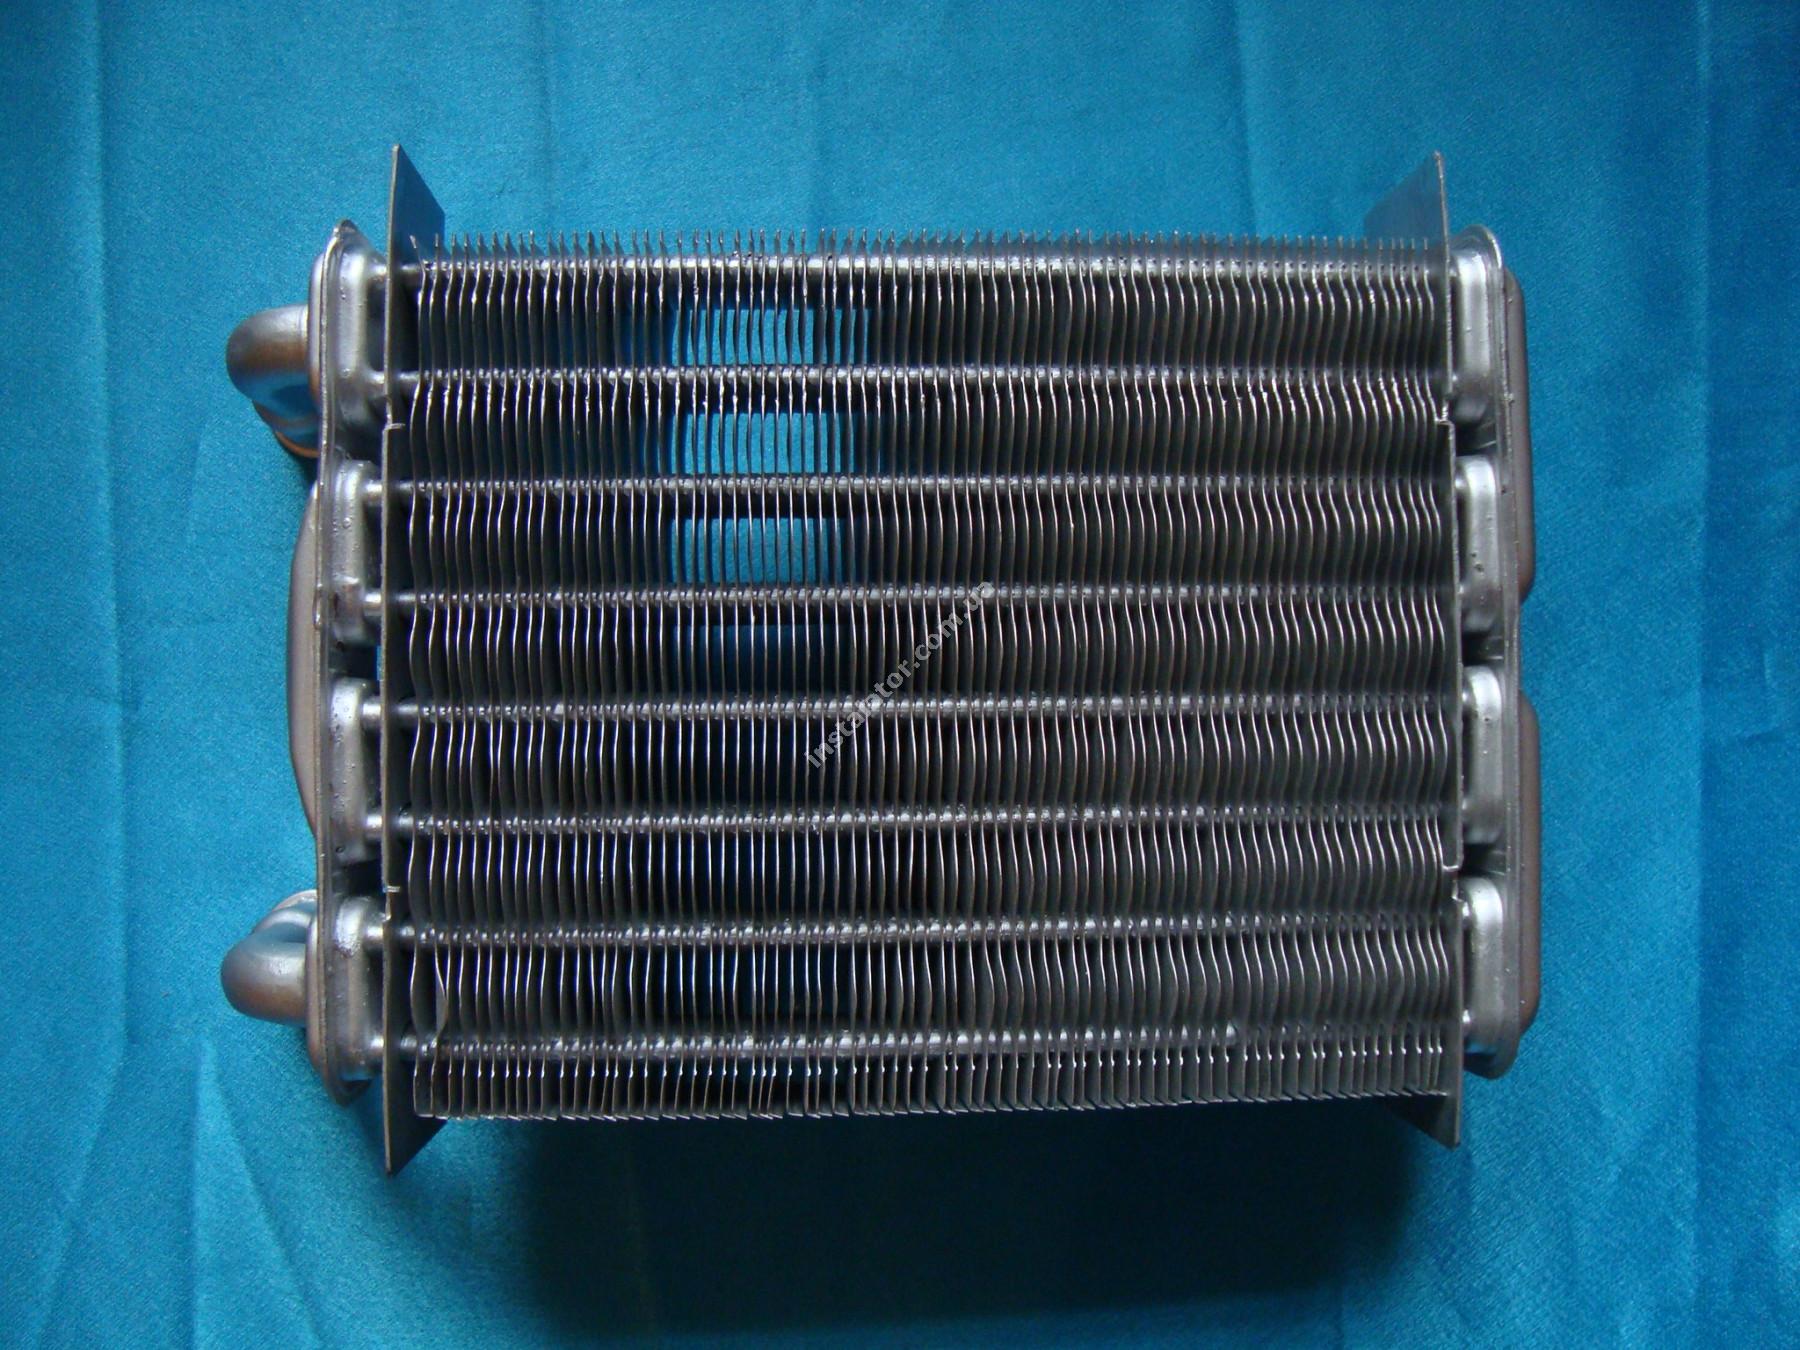 BI1562103 Теплообмінник первинний BIASI Rinnova, Ivonia (турбовані версії) full-image-0